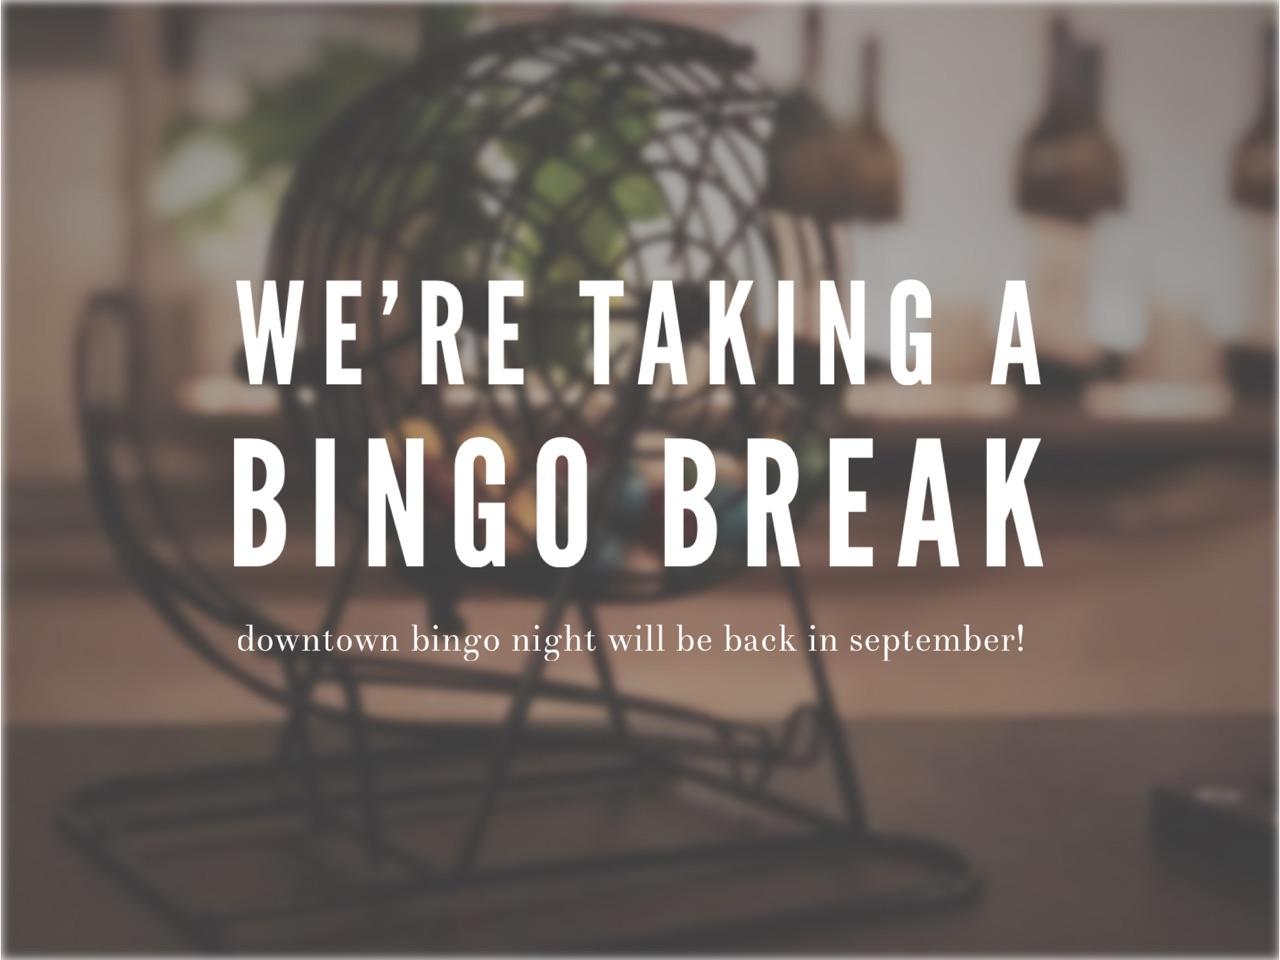 bingo break.jpg